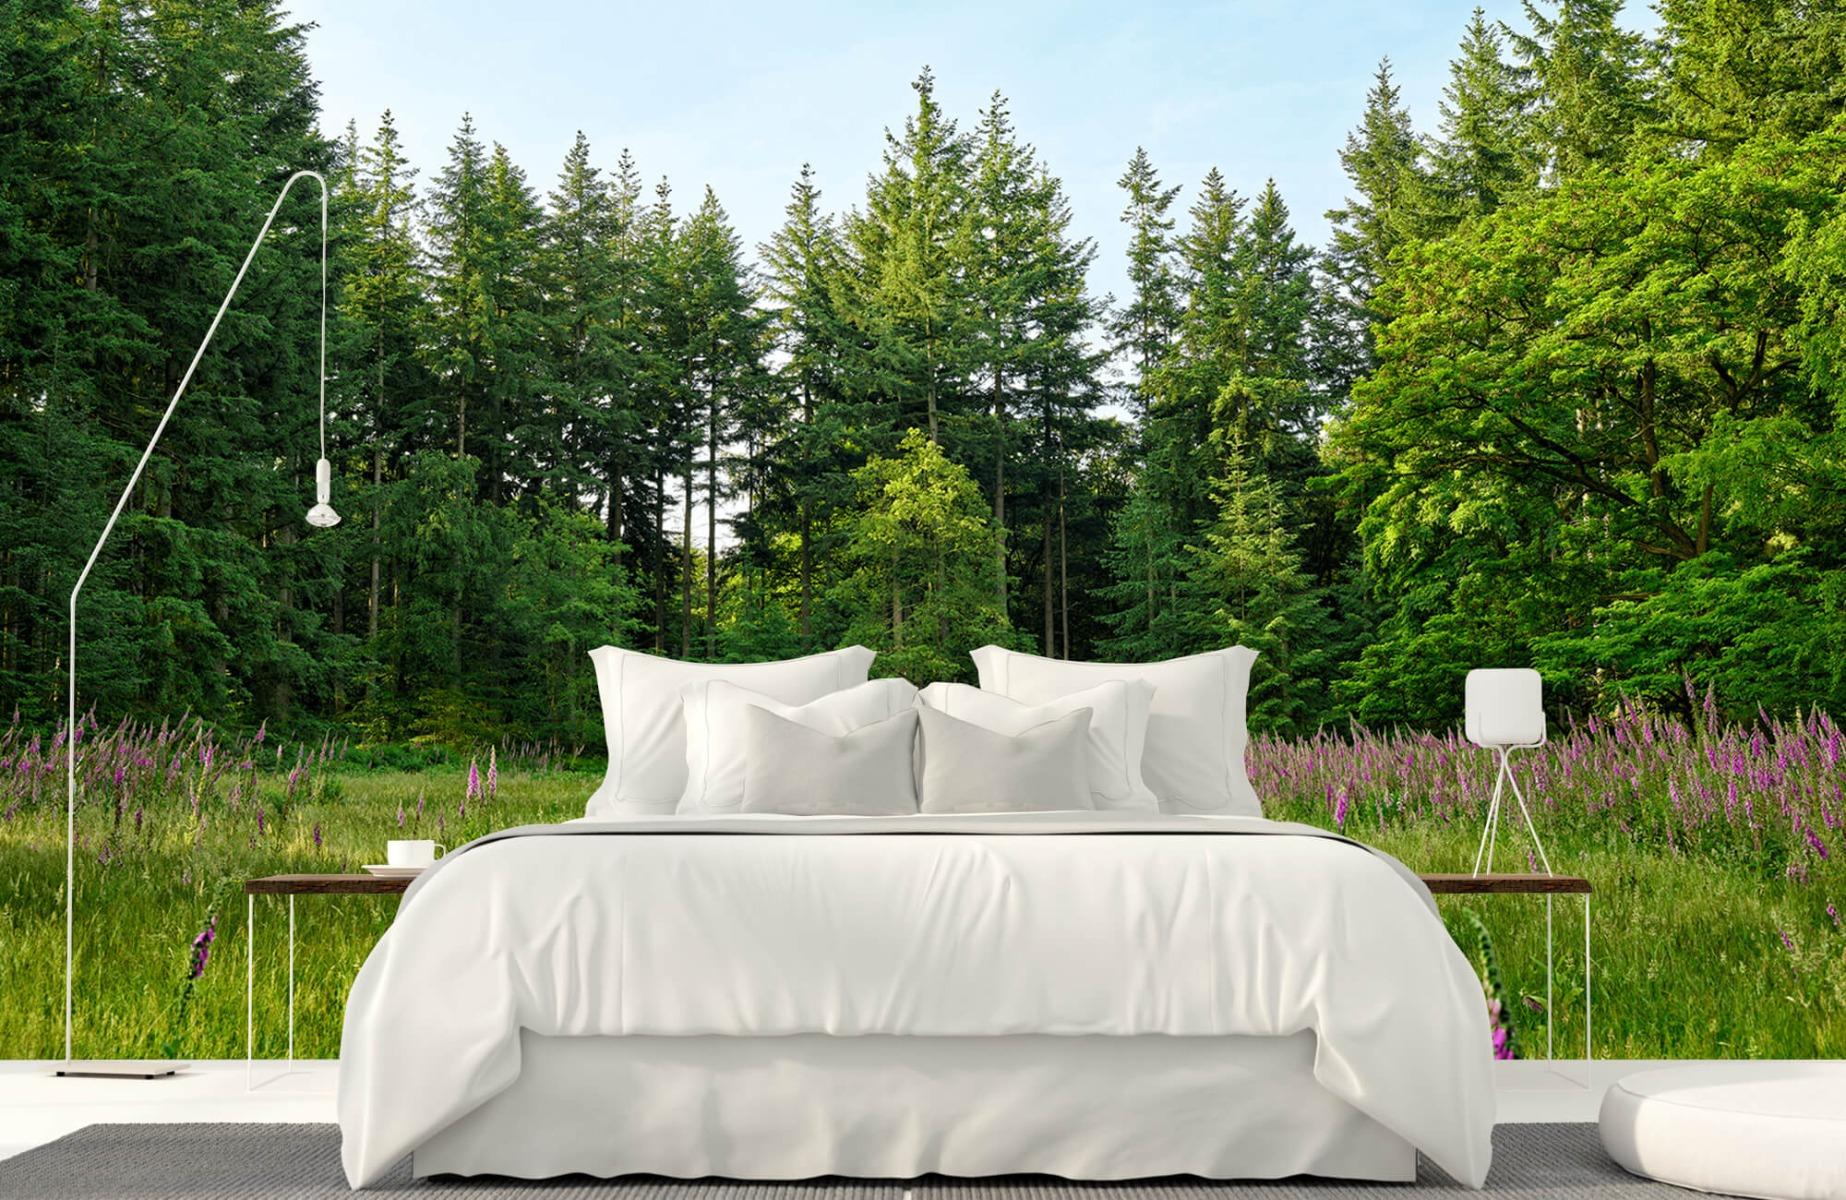 Bos behang - Open plek in het bos - Wallexclusive - Slaapkamer 17